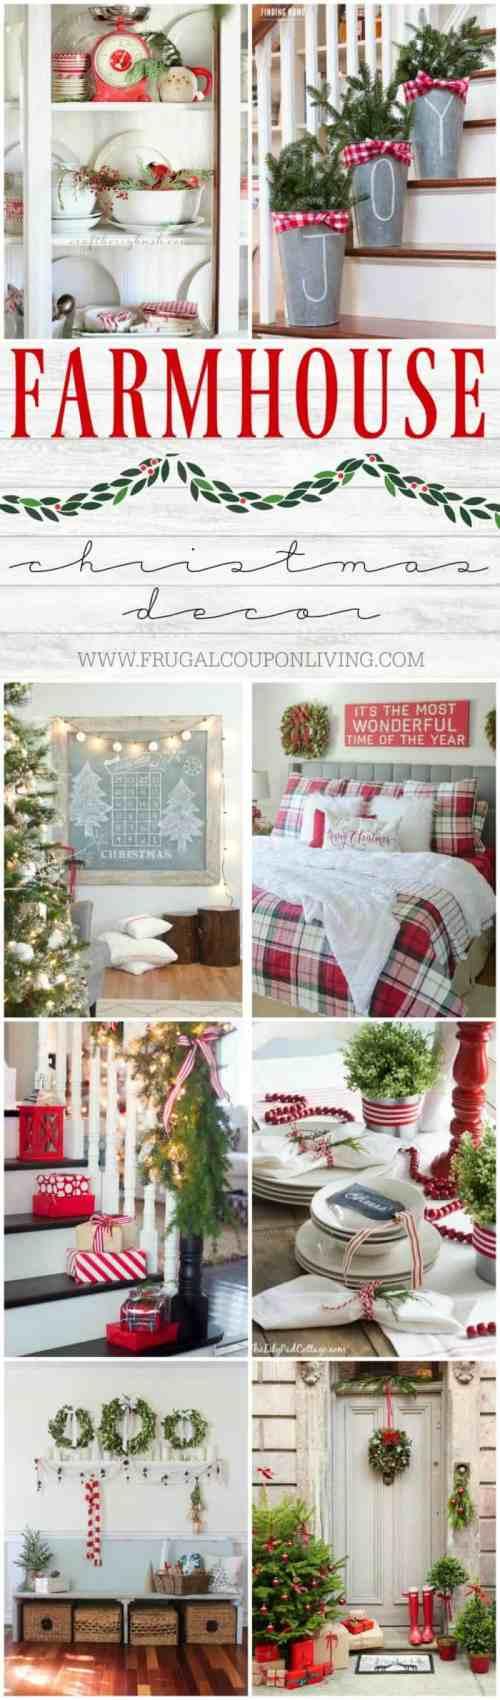 Medium Of Farmhouse Christmas Decor